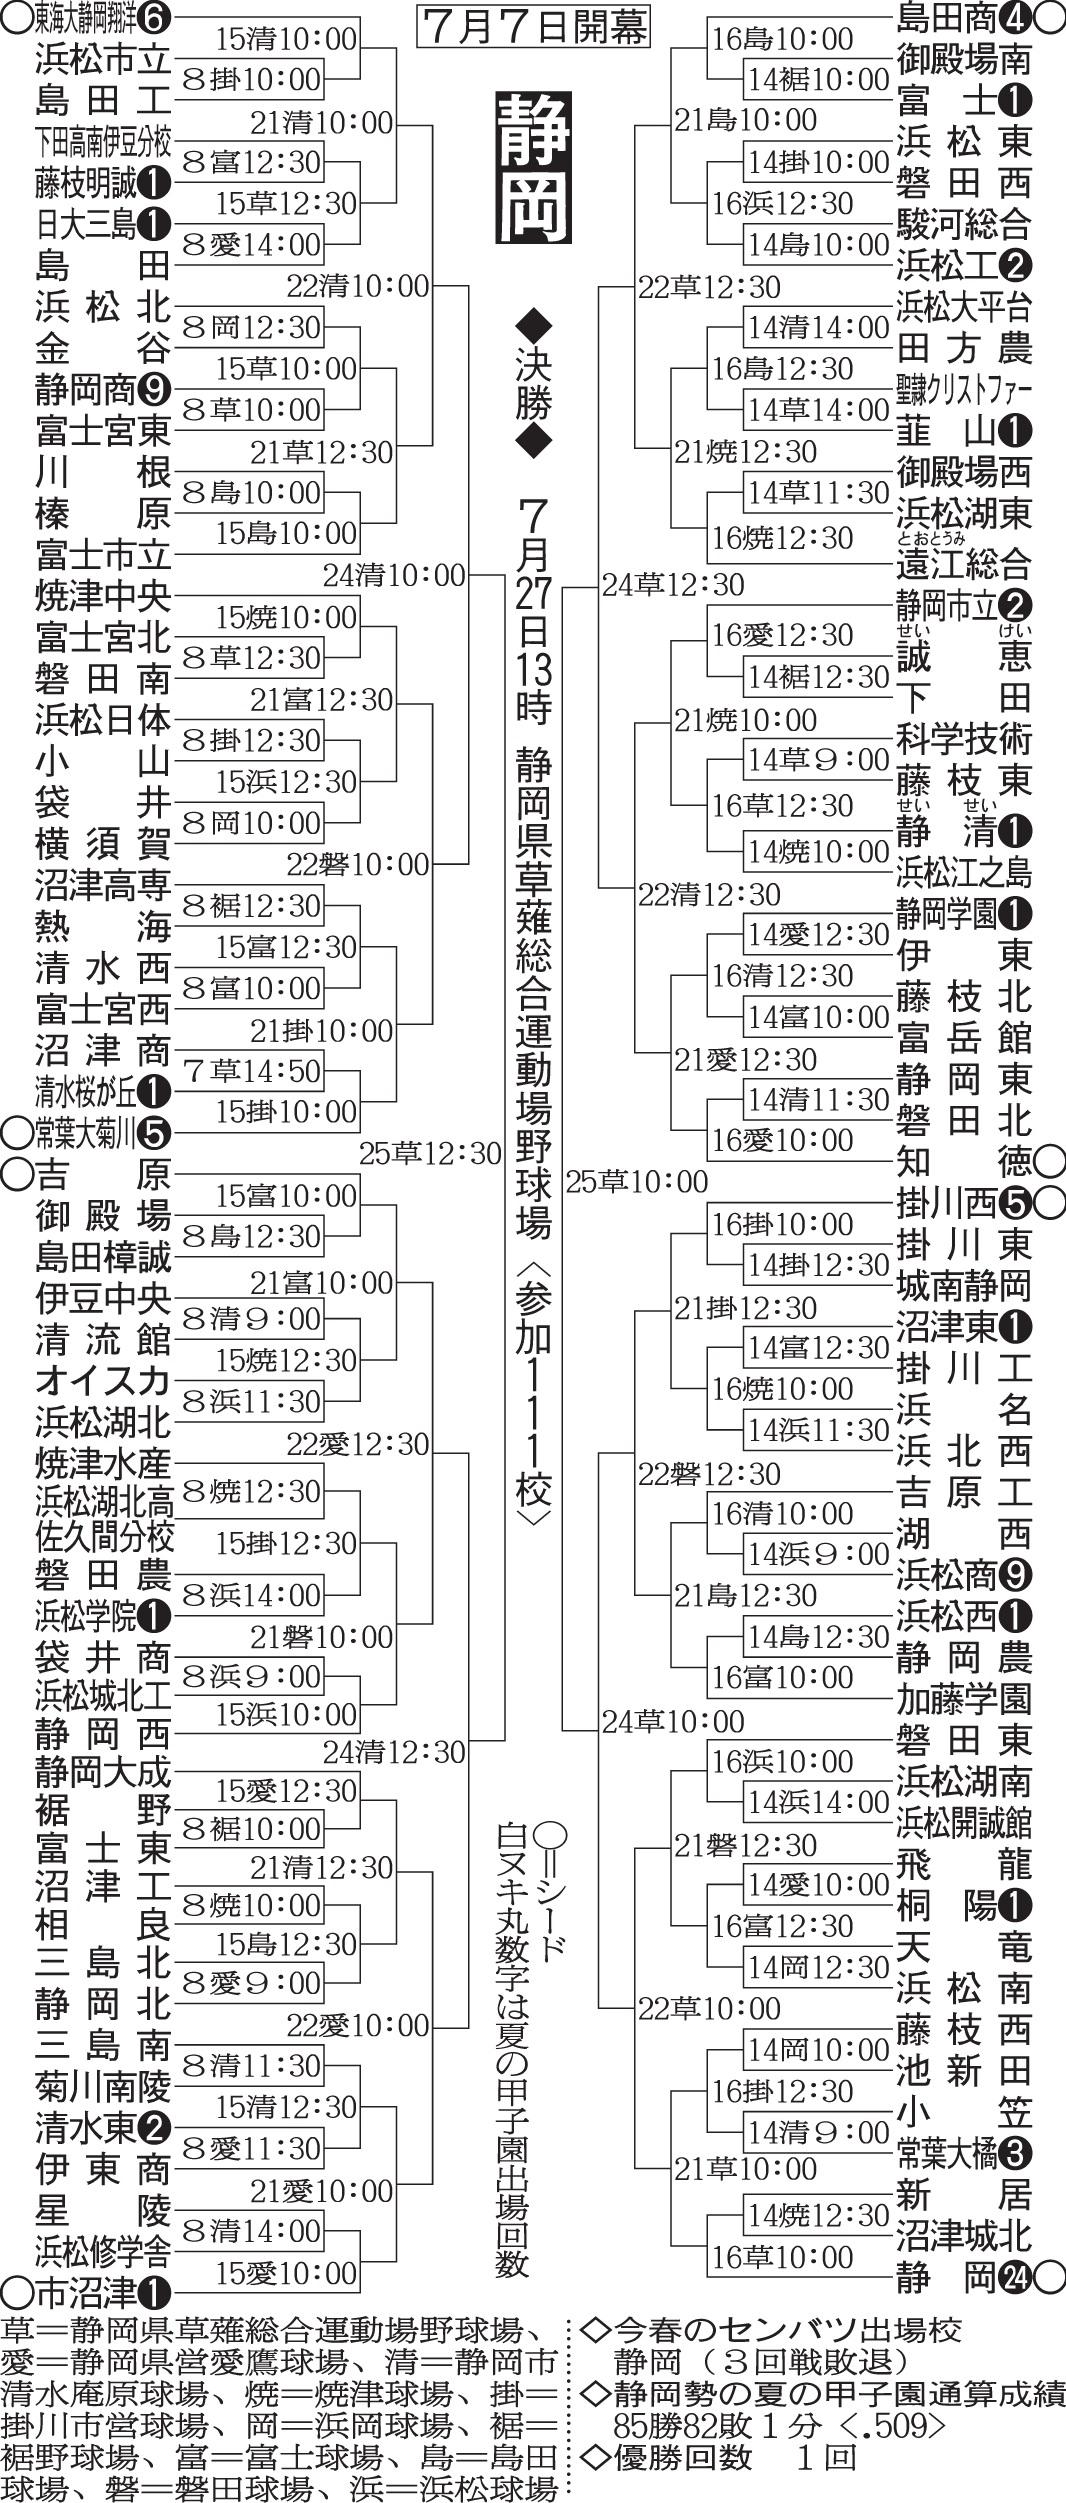 第100回全国高等学校野球選手権記念大会:静岡県